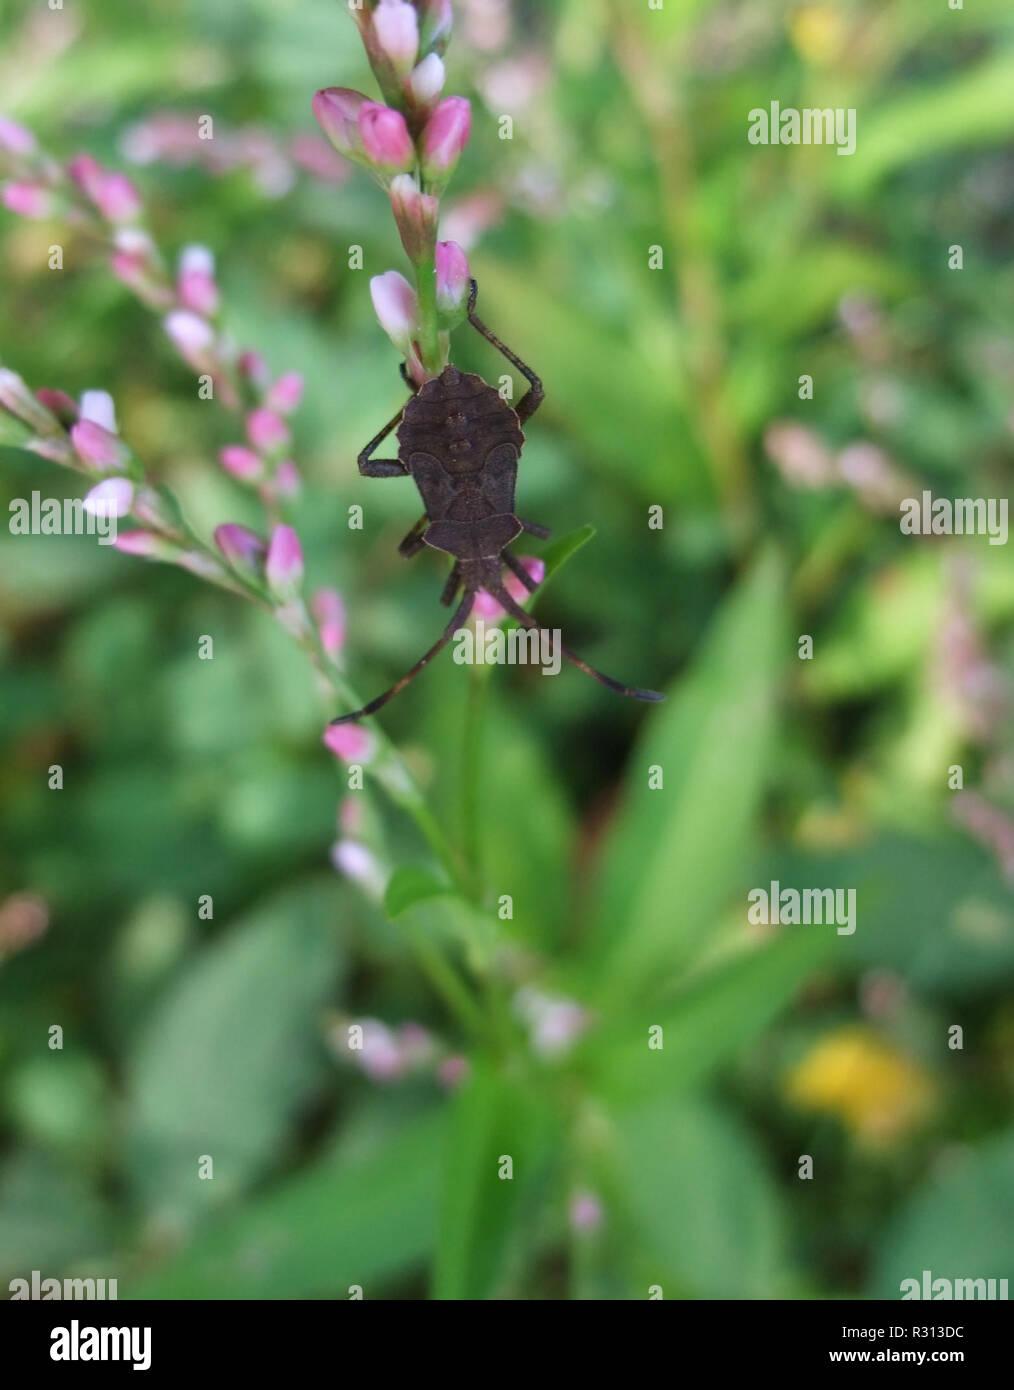 Braun bug in natürlichen zurück Stockbild